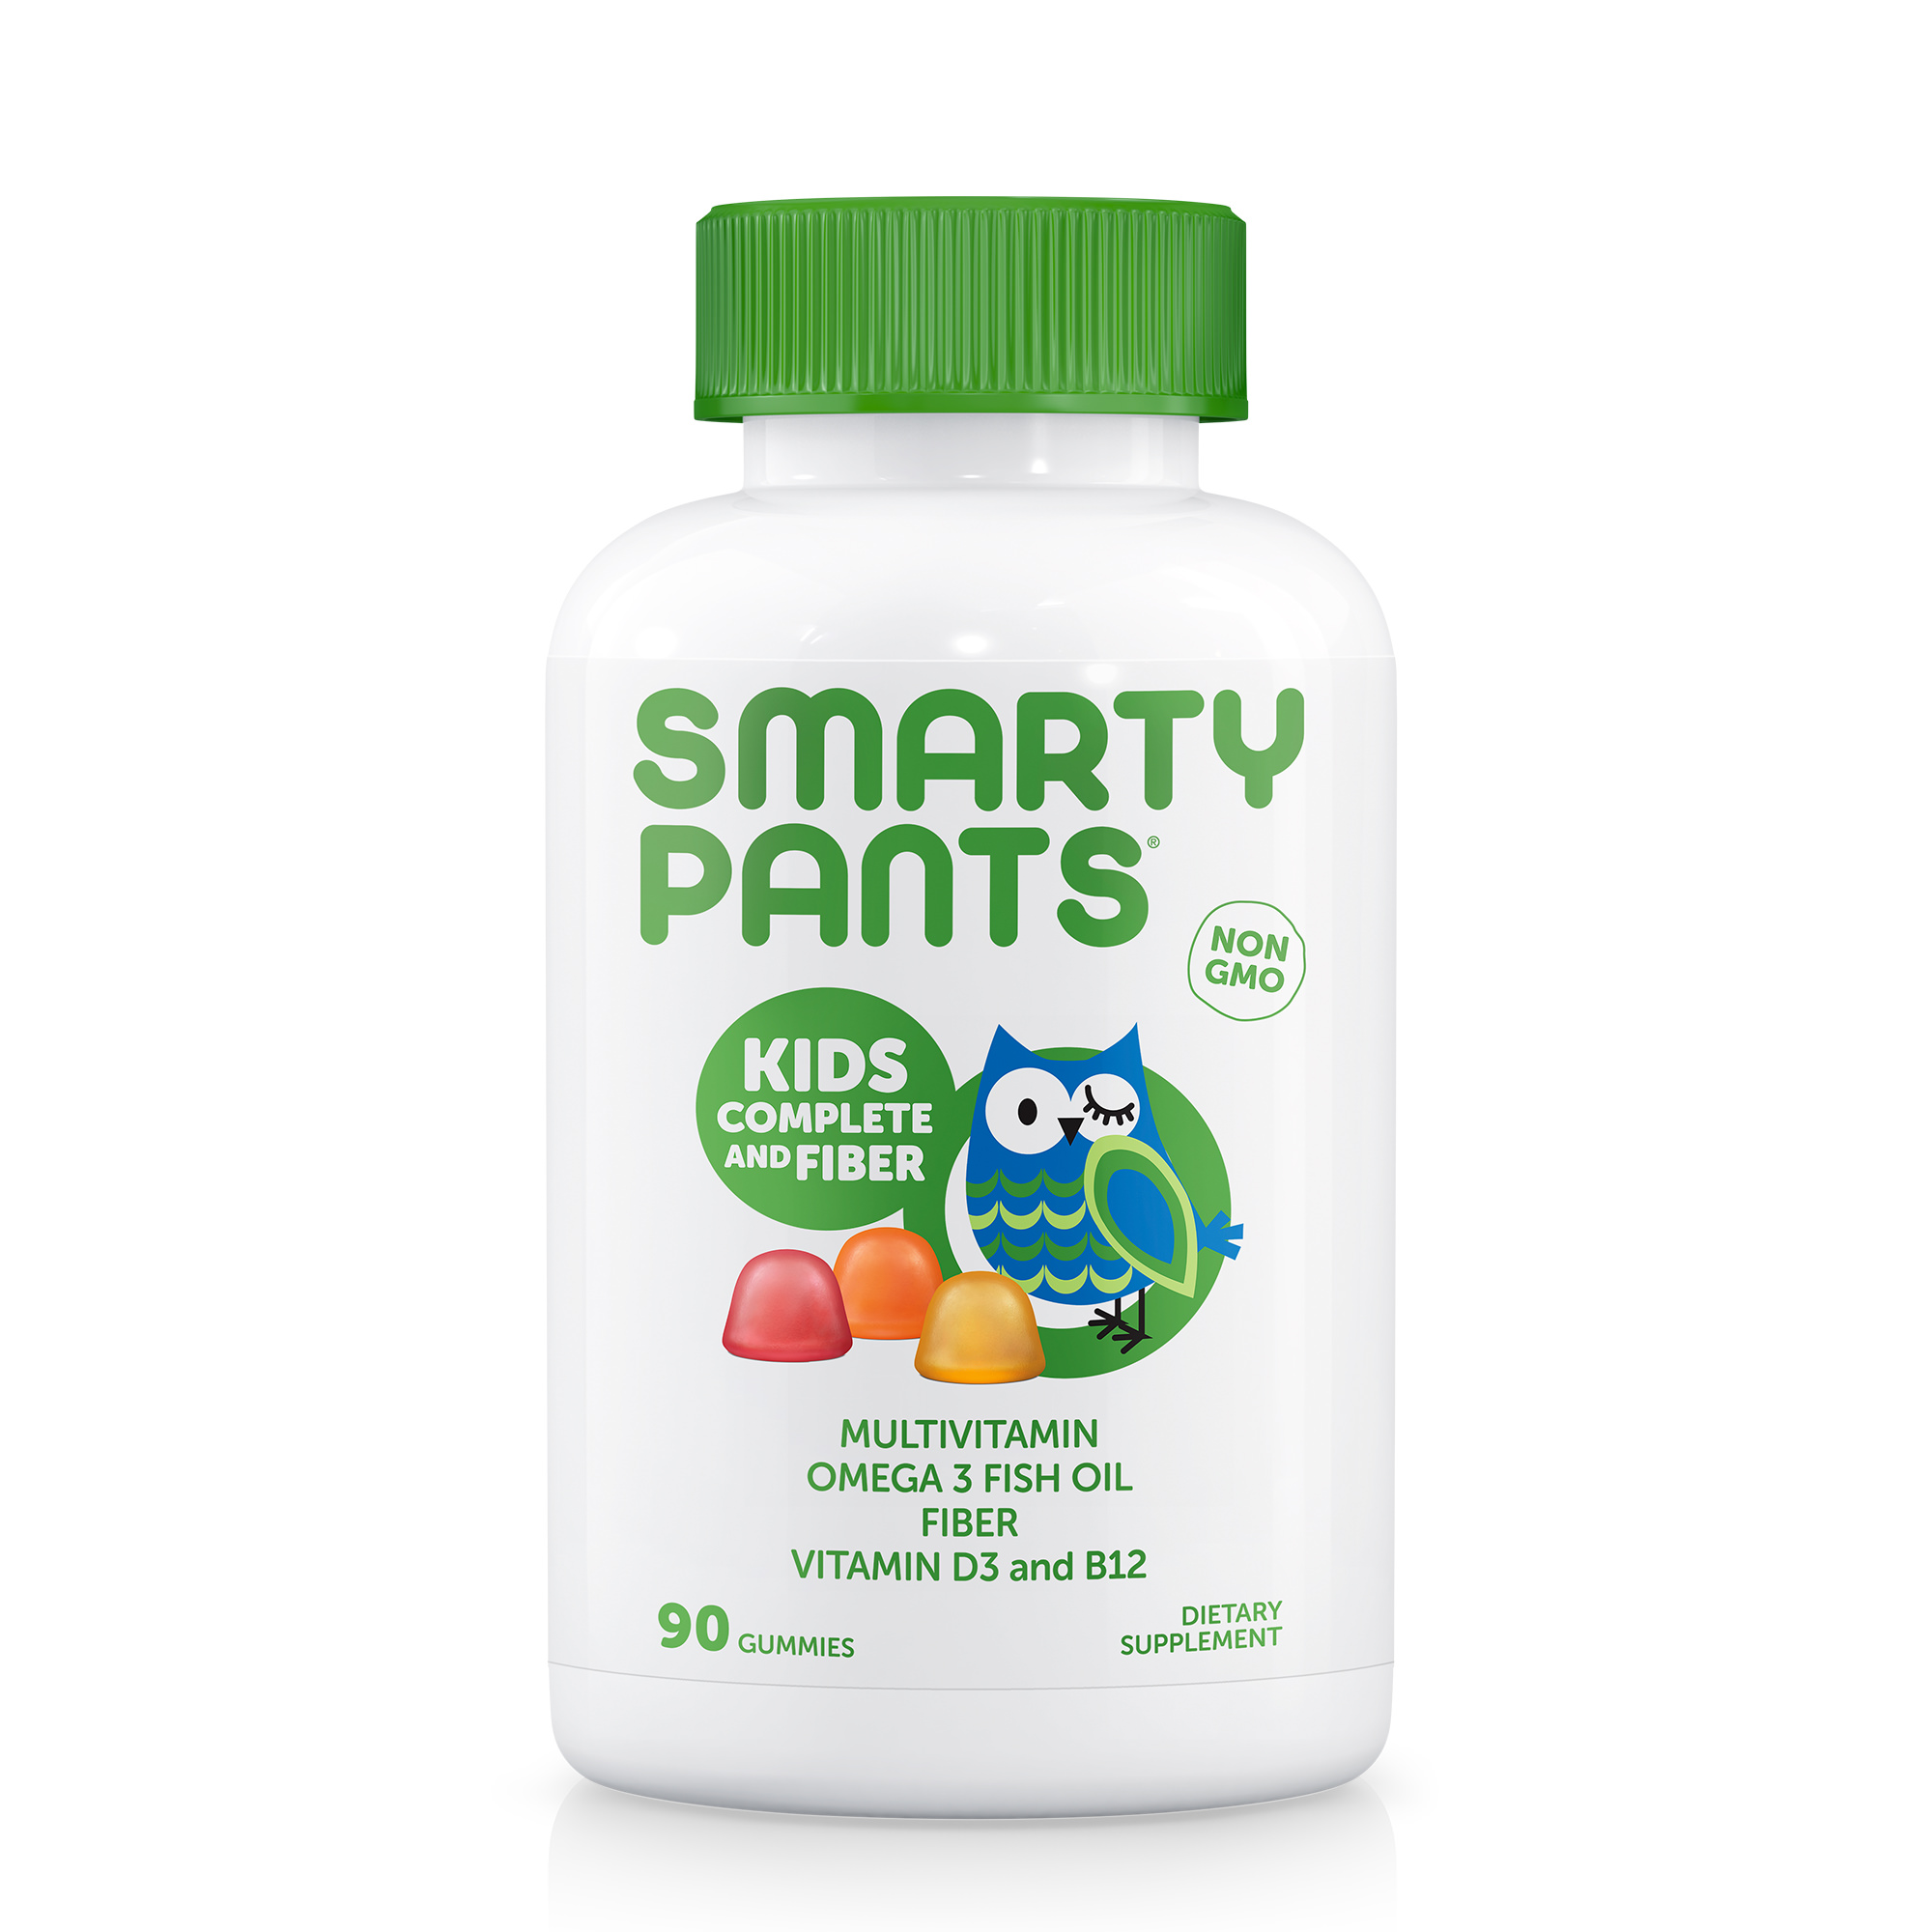 SmartyPants Kids Complete and Fiber Gummy Vitamins: Multivitamin, Gluten Free, Prebiotic Fiber,...